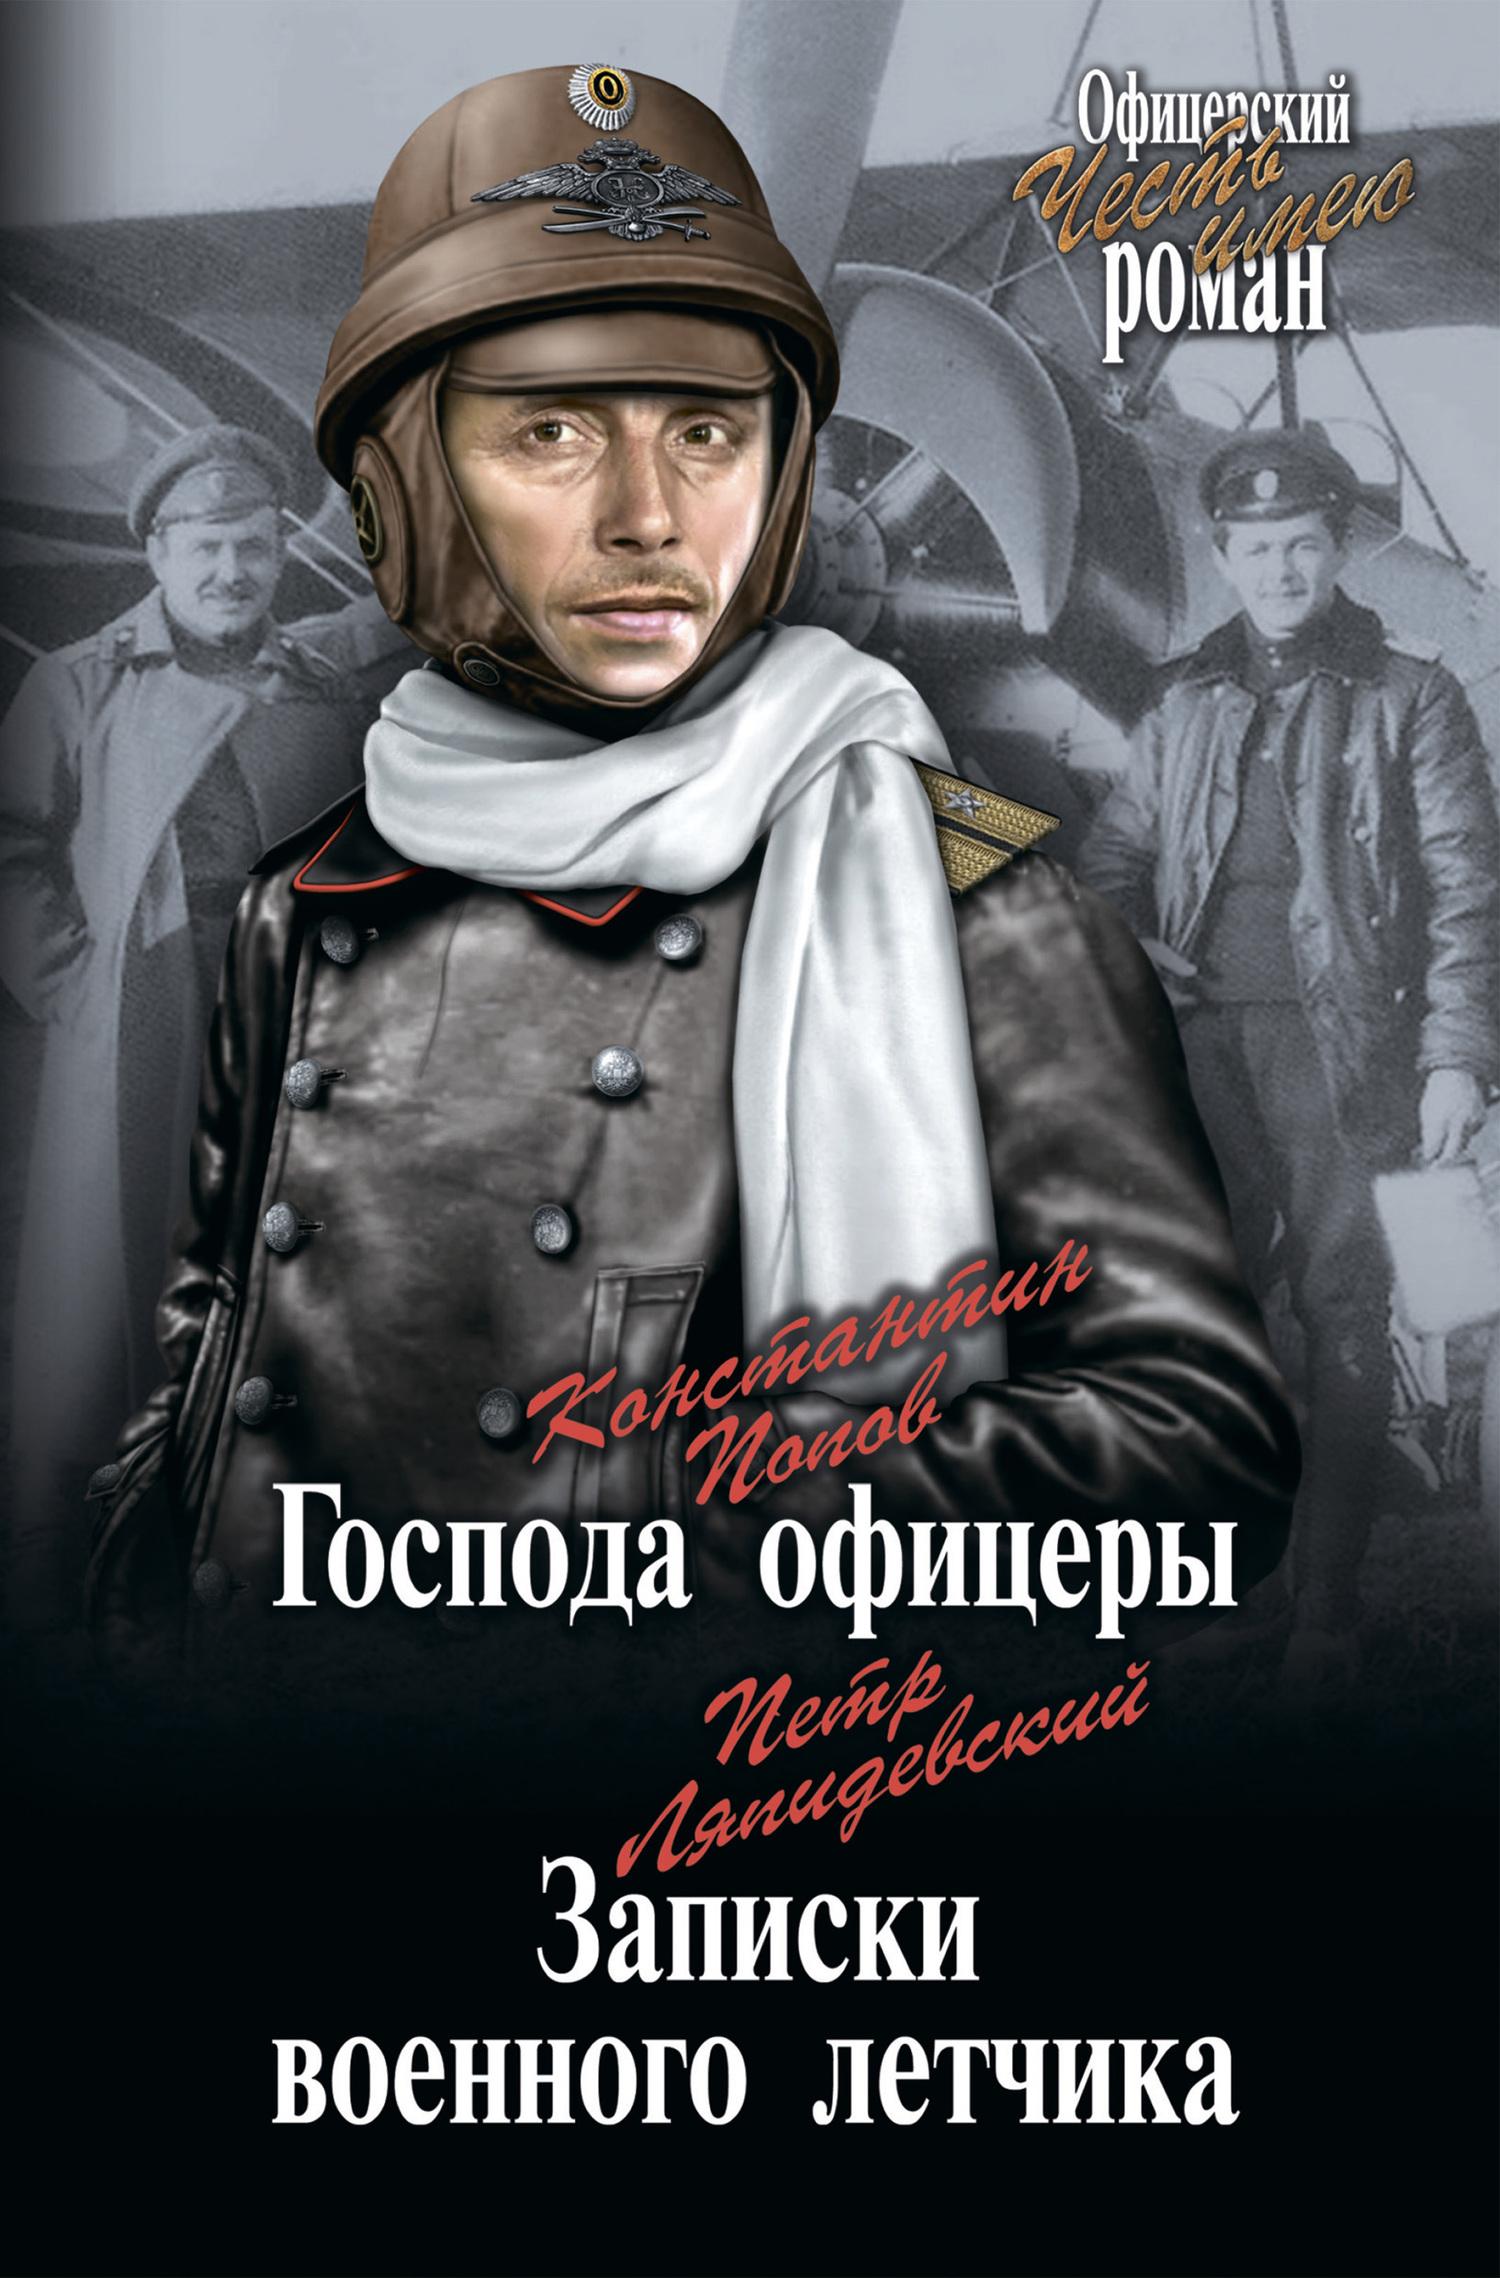 Константин Попов Господа офицеры. Записки военного летчика (сборник) цена